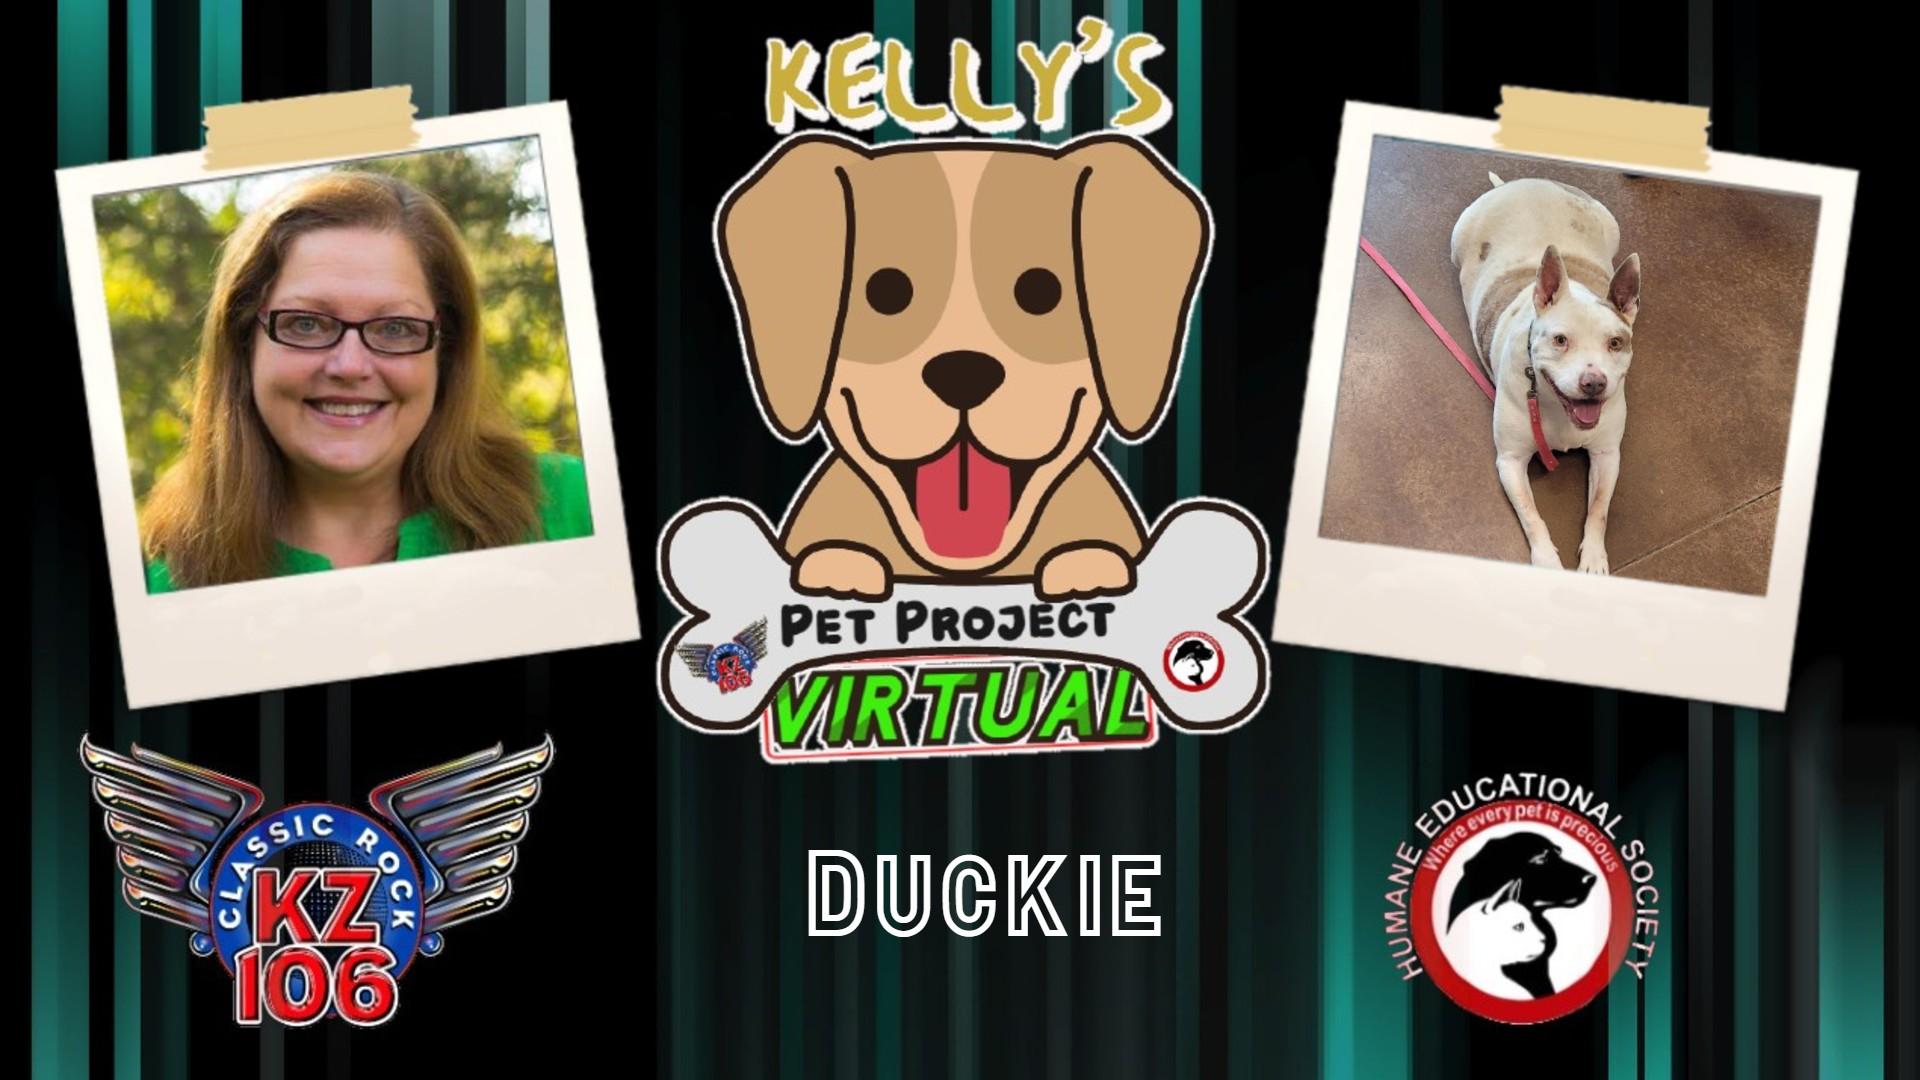 Kelly's Pet Project: Duckie